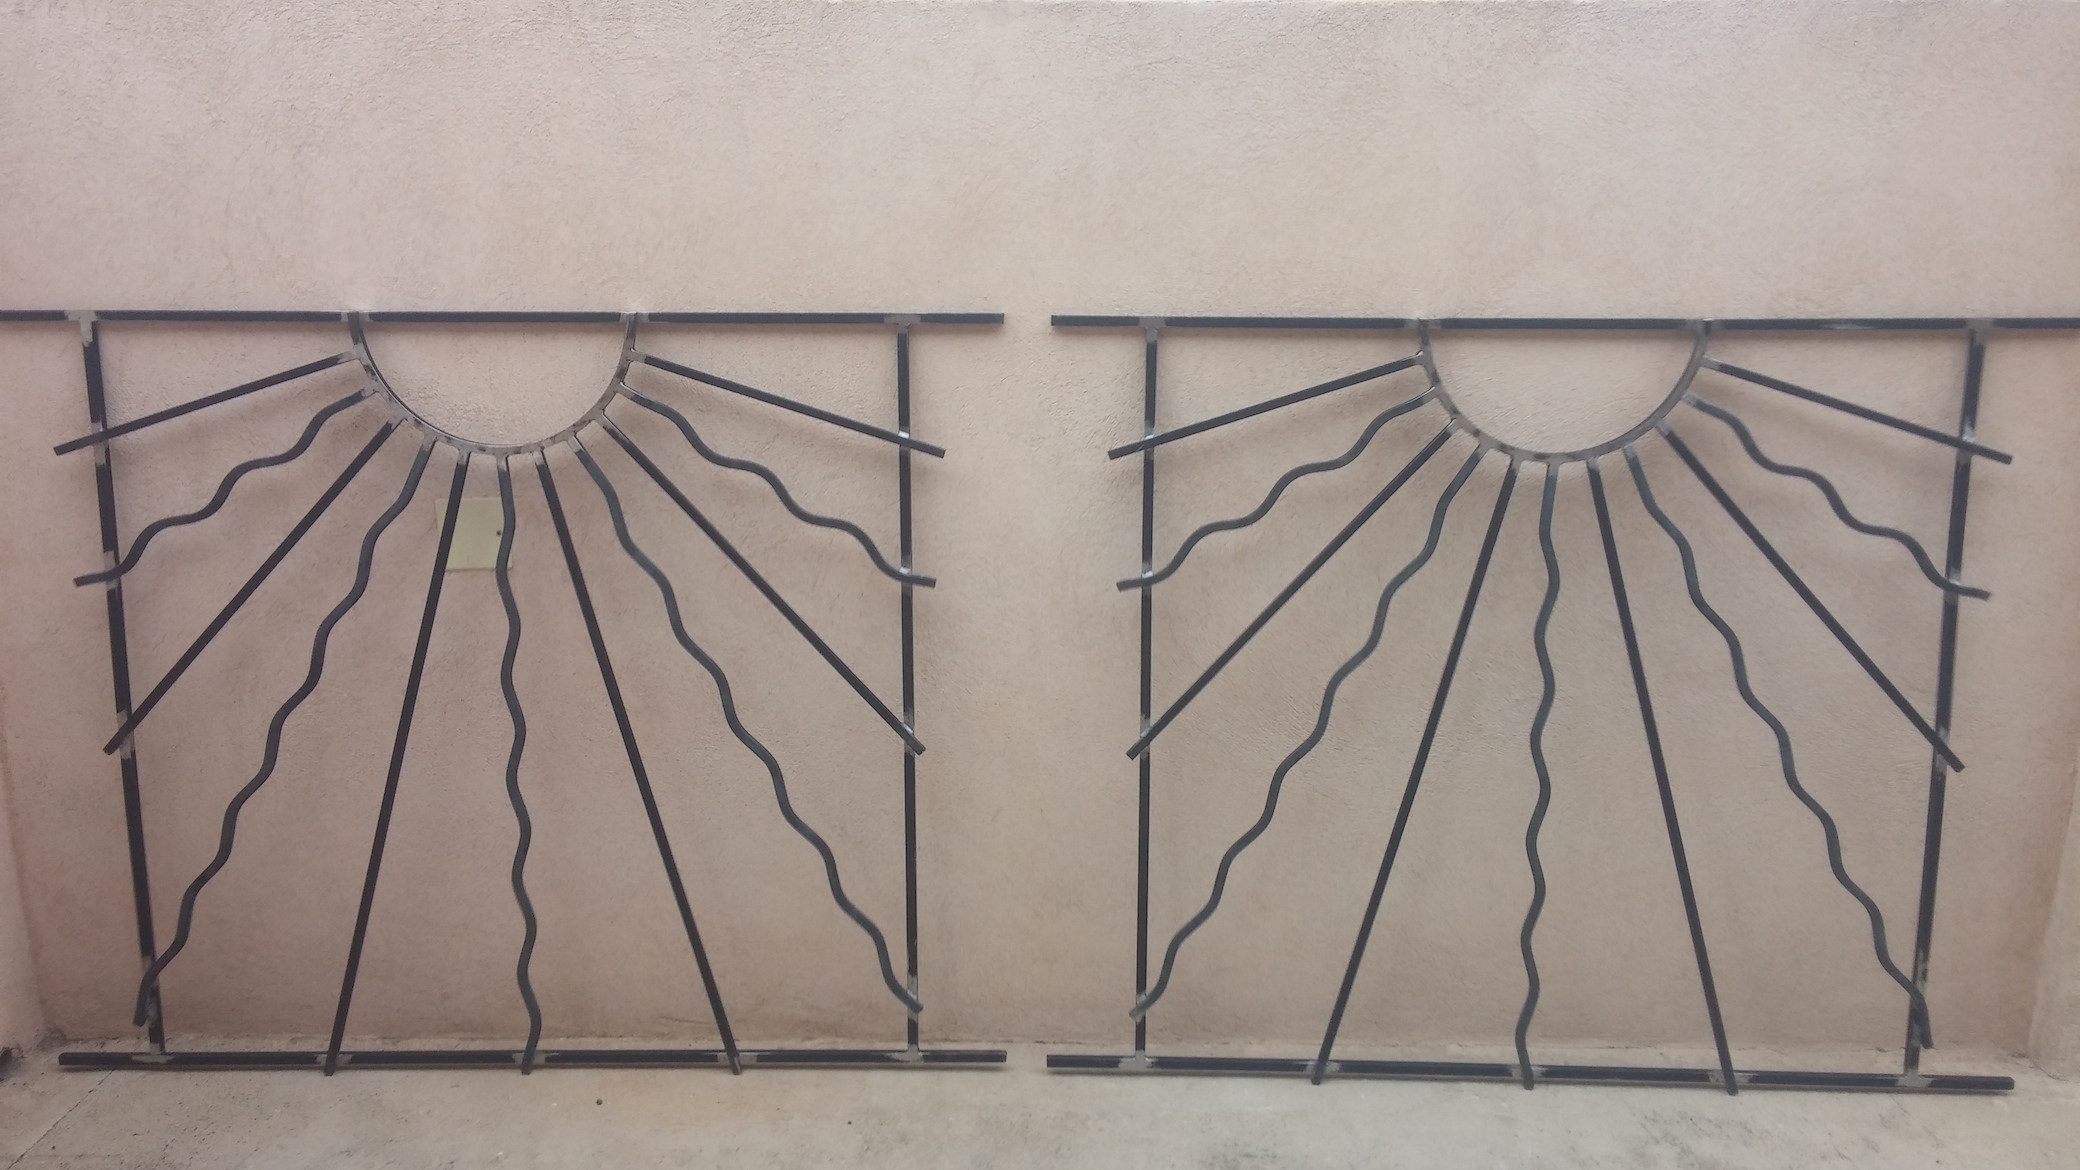 Conception et fabrication complète par notre client d'une série de grilles de protection fer forgé -  Réalisation à  partir de notre gamme de pièces détachées - Localisation Provence